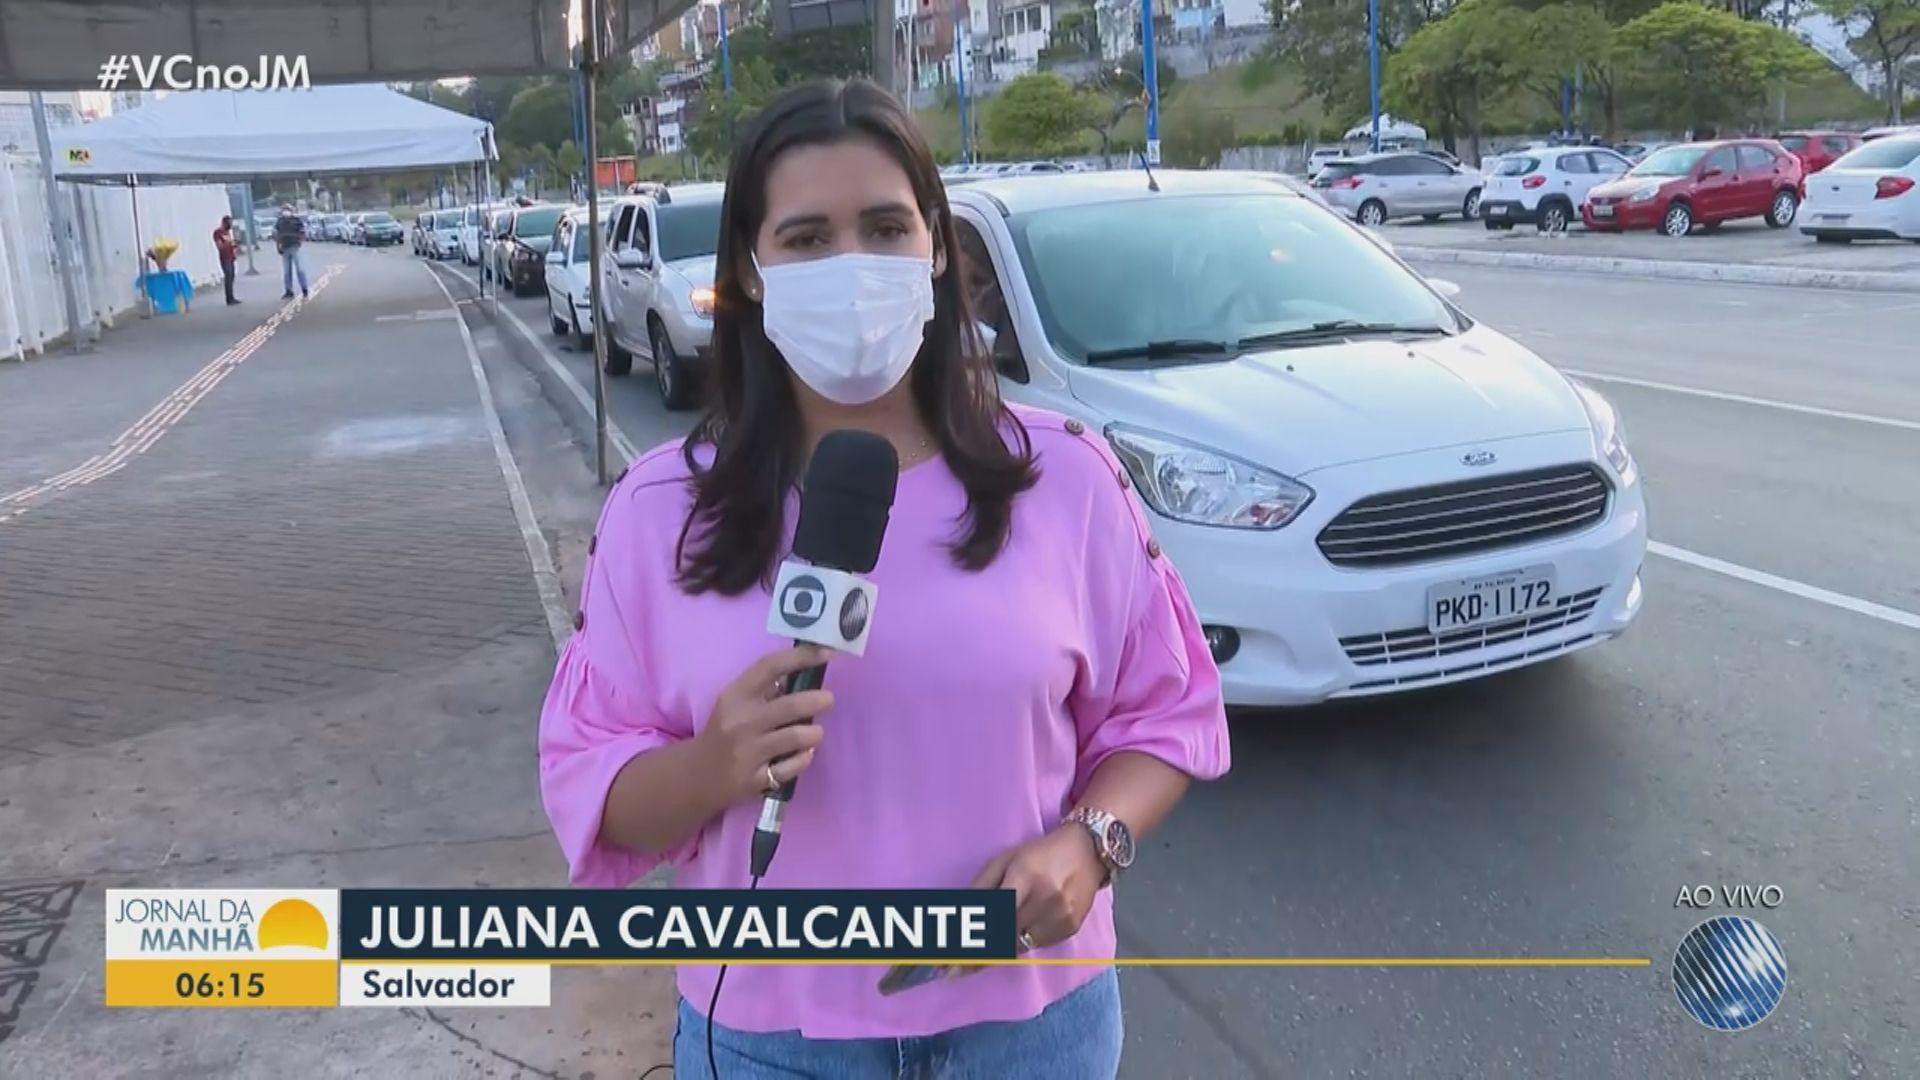 Vídeos do G1 e TV Bahia - segunda-feira, 8 de março de 2021